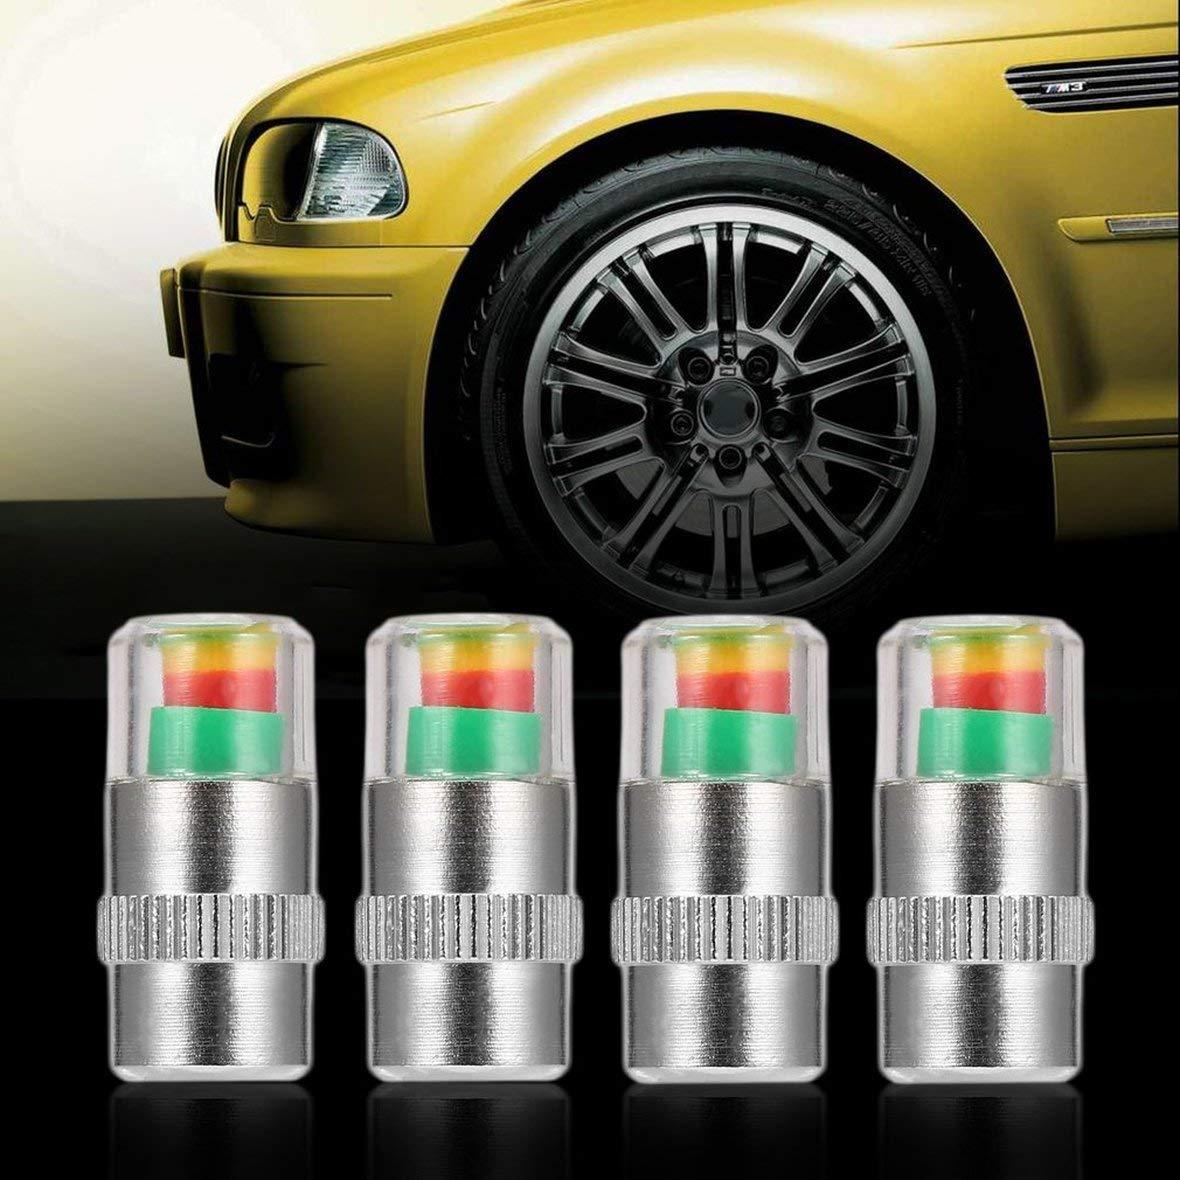 Tivolii 2.4PSI Car Auto Tire Pressure Monitor Valve Stem Caps Sensor Indicator 4PCS Eye Alert Diagnostic Tools Kit